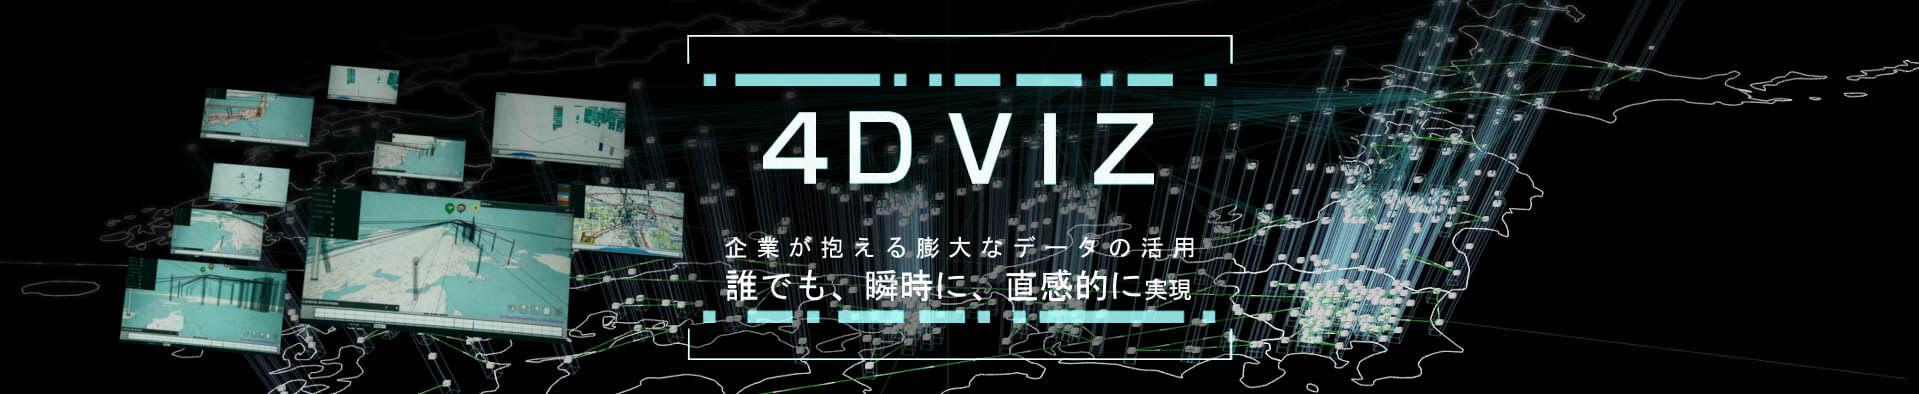 4DVIZのイメージ.jpg